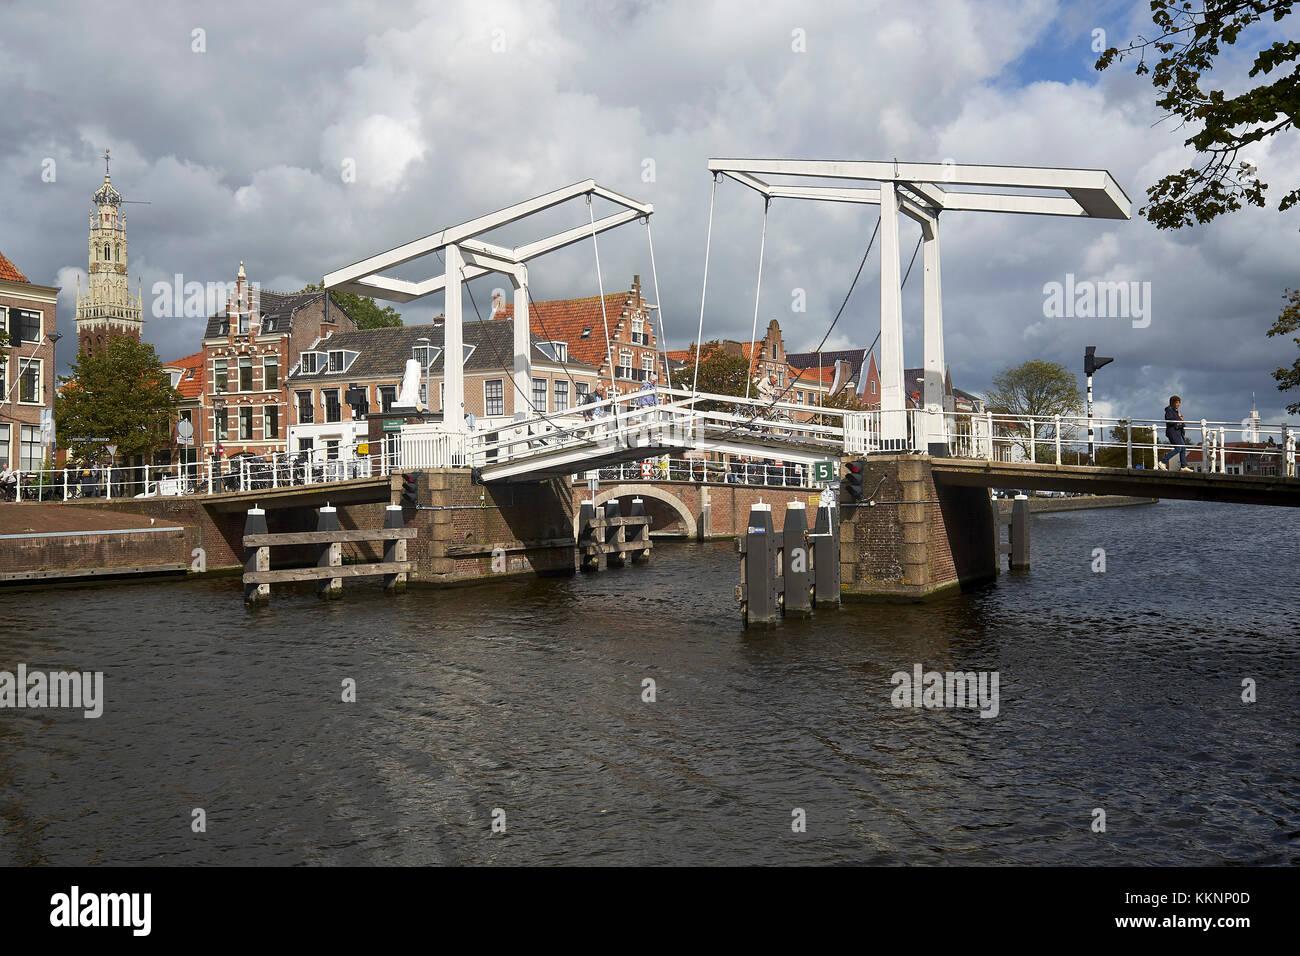 Gravestenenbrug in Haarlem, North Holland, Netherlands - Stock Image